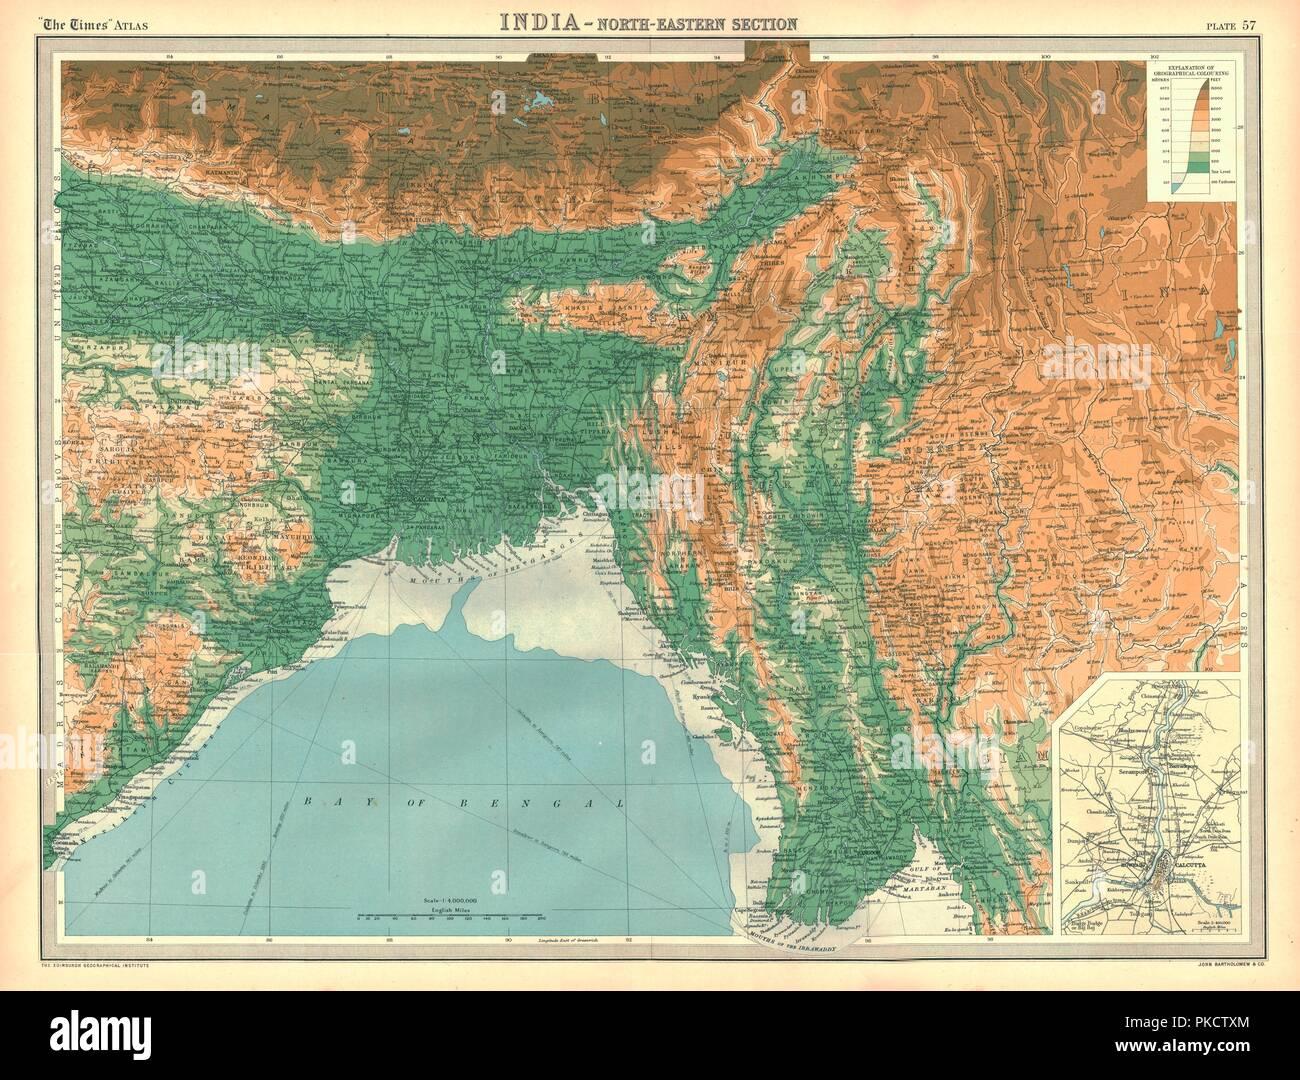 Cartina Dell India Del Nord.Mappa Geografica Del Nord Est Dell India Nei Primi Anni Del Xx Secolo Artista Sconosciuto Foto Stock Alamy